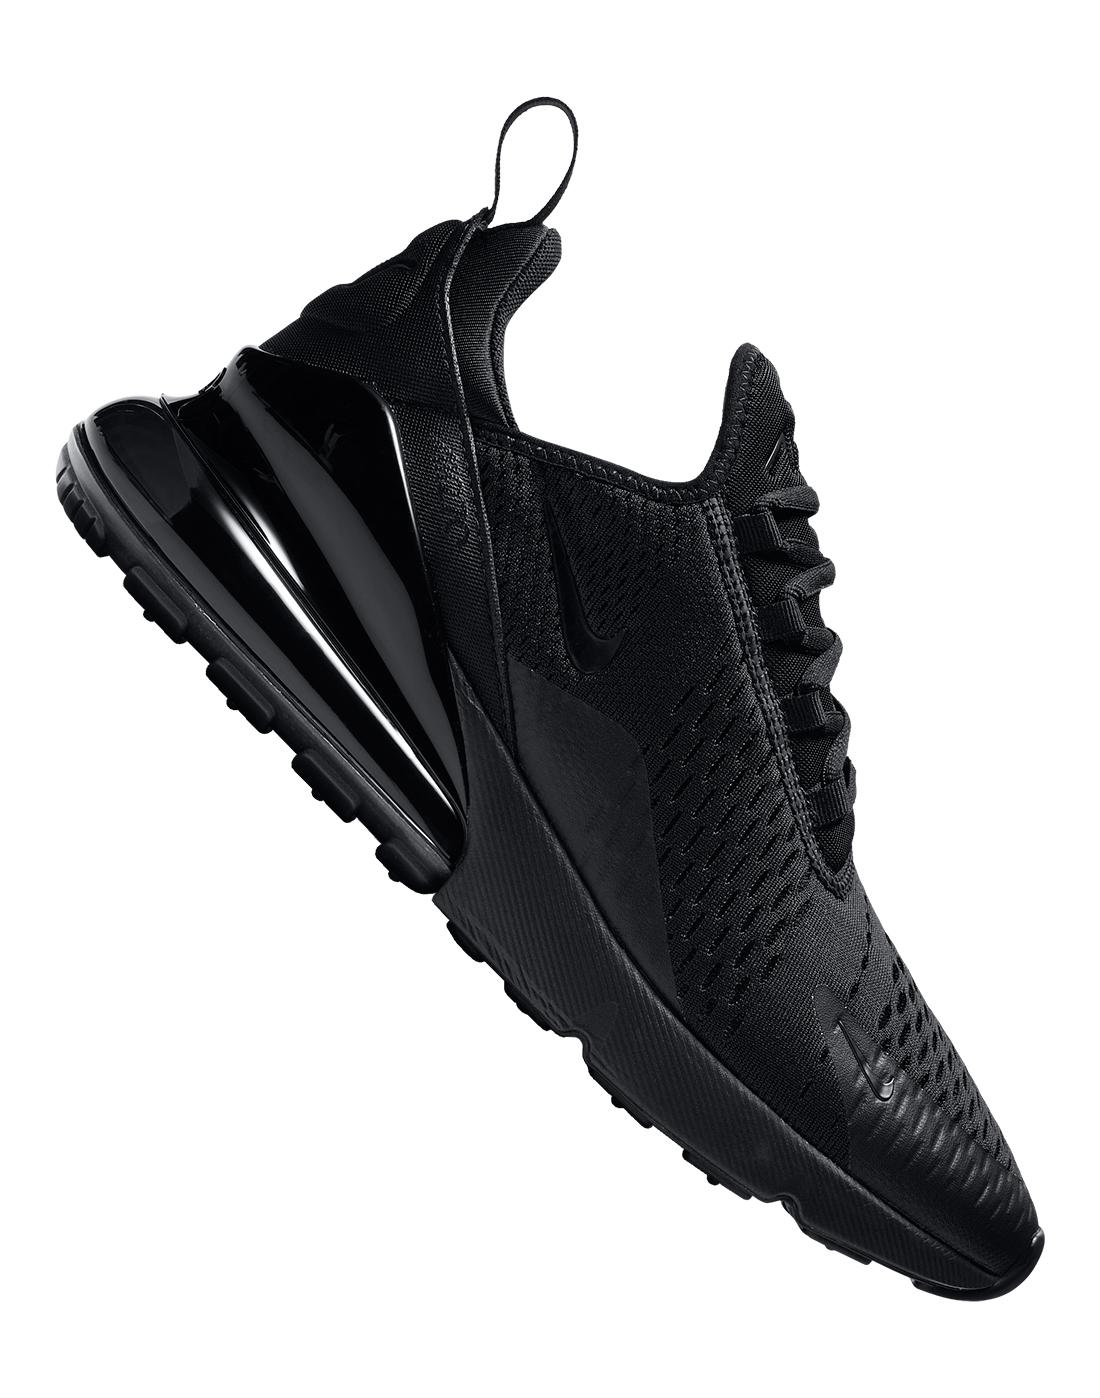 270 nike all black